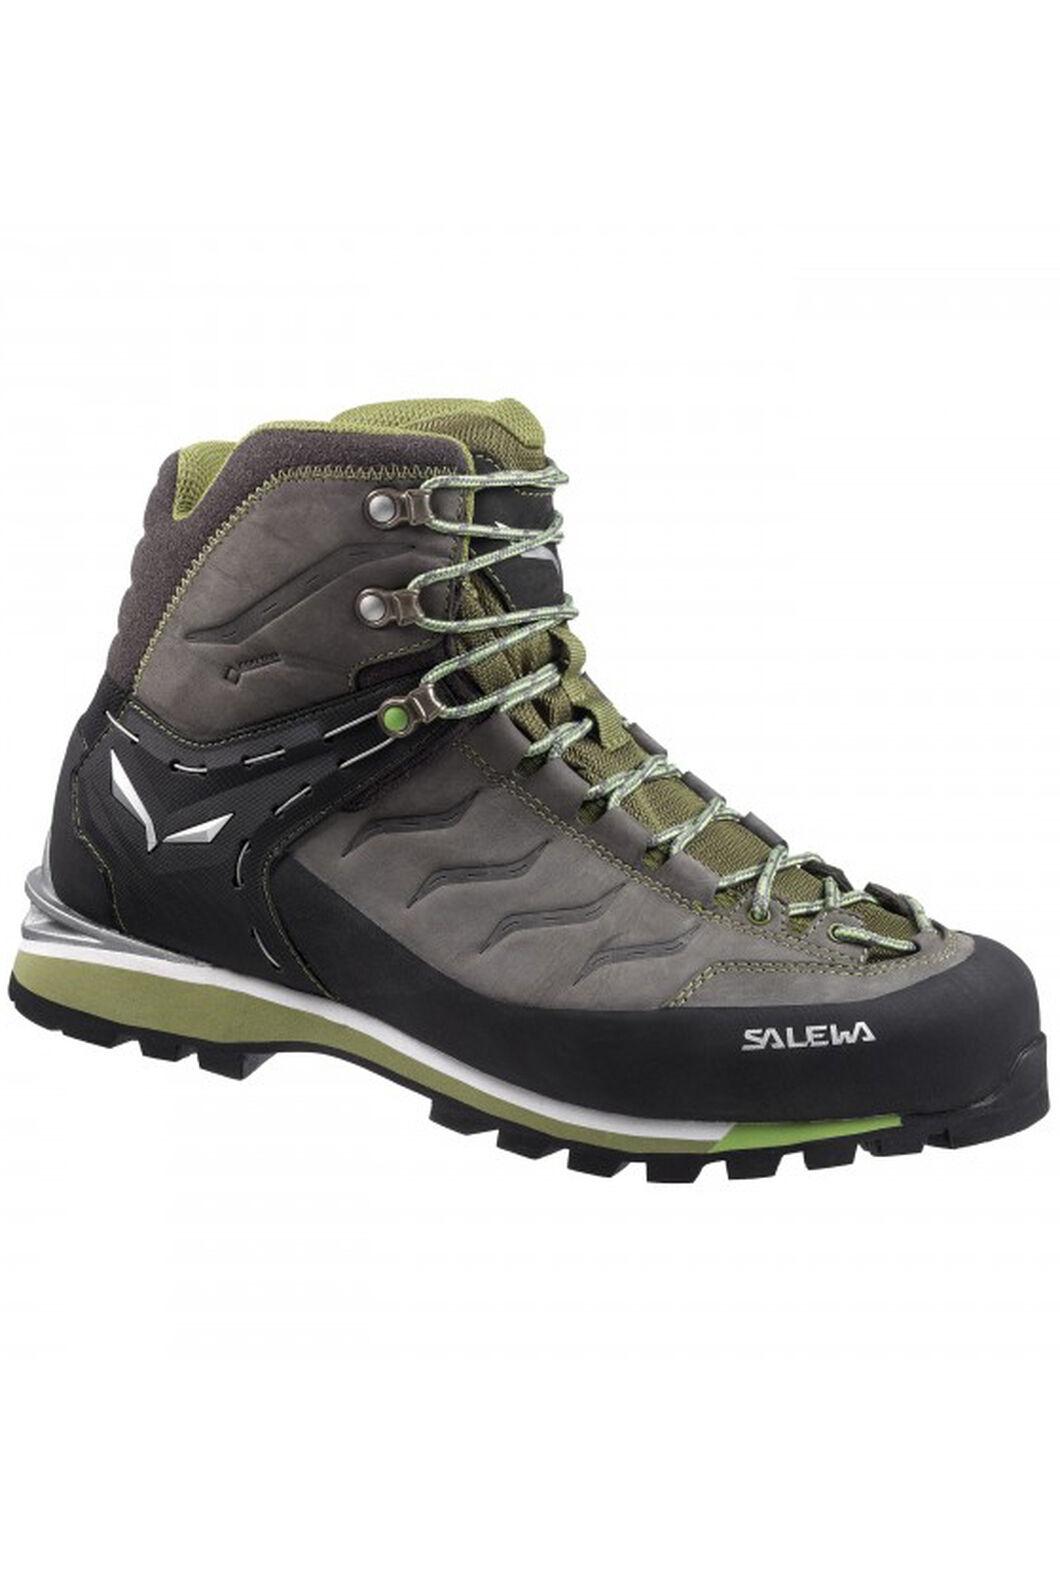 Salewa Rapace GTX Boots - Men's, Pewter/Emerald, hi-res